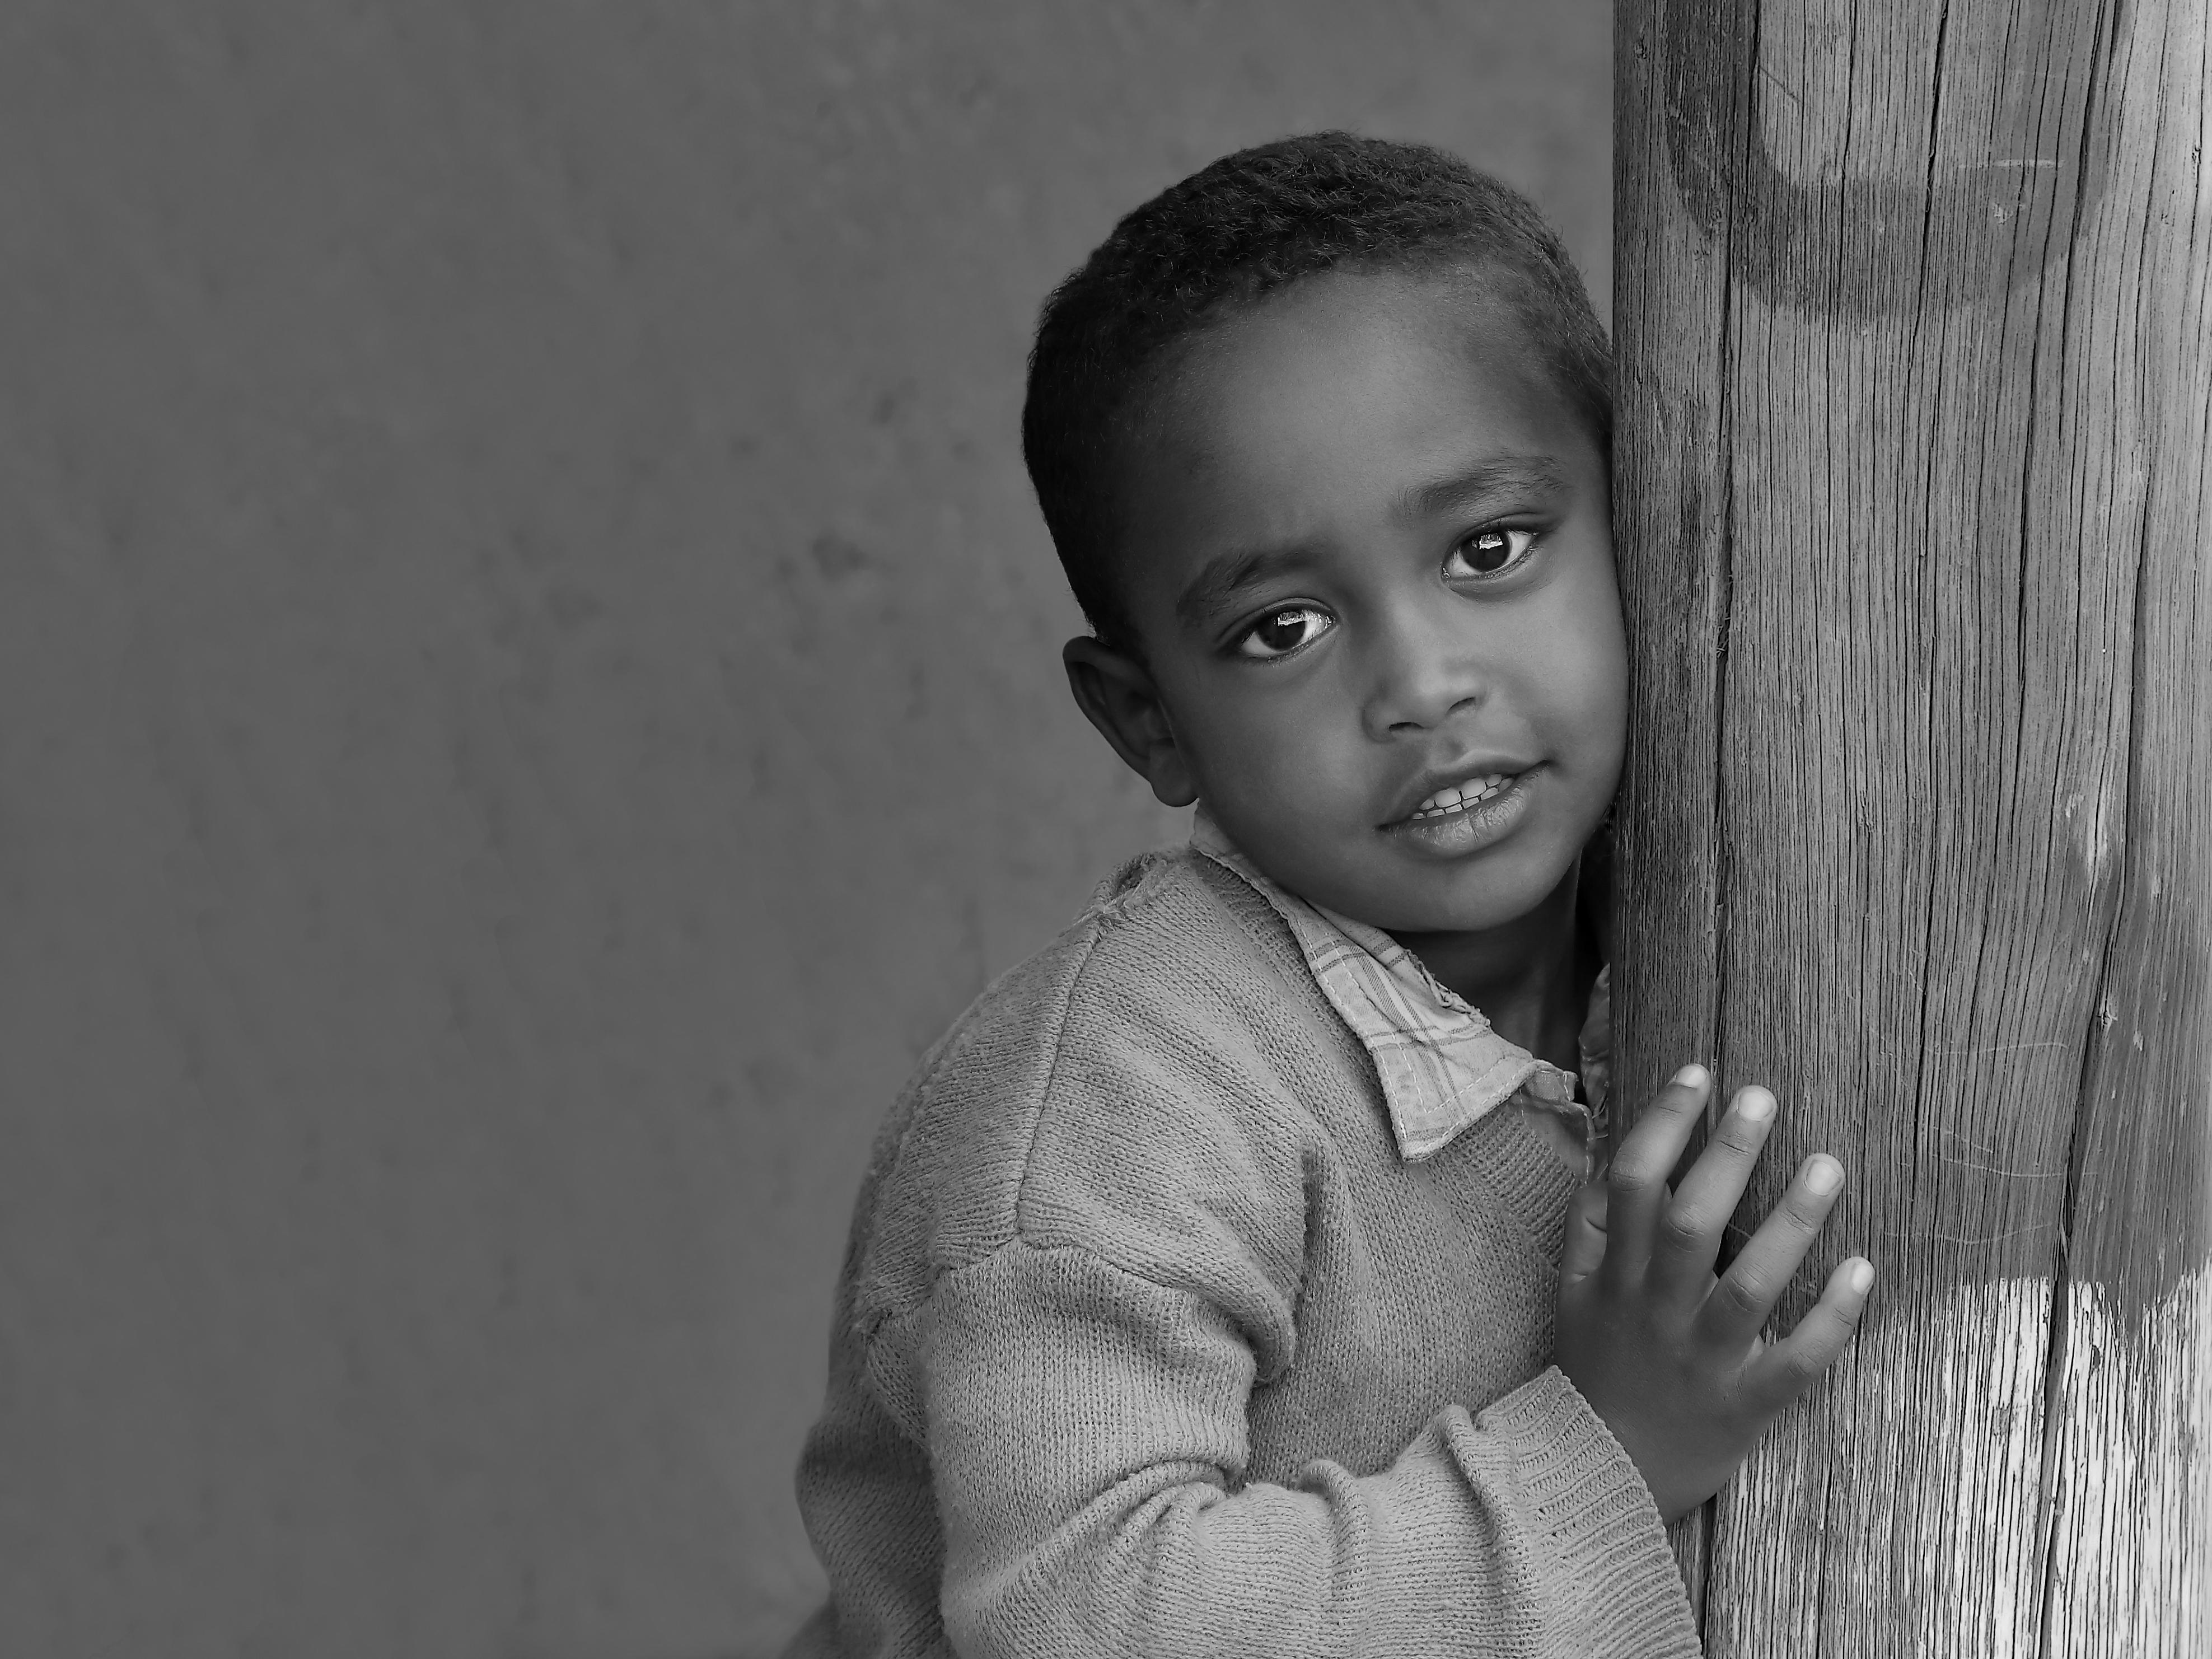 μαύρο Αιθιοπίας σεξ μεγάλο μουνί στην κάμερα